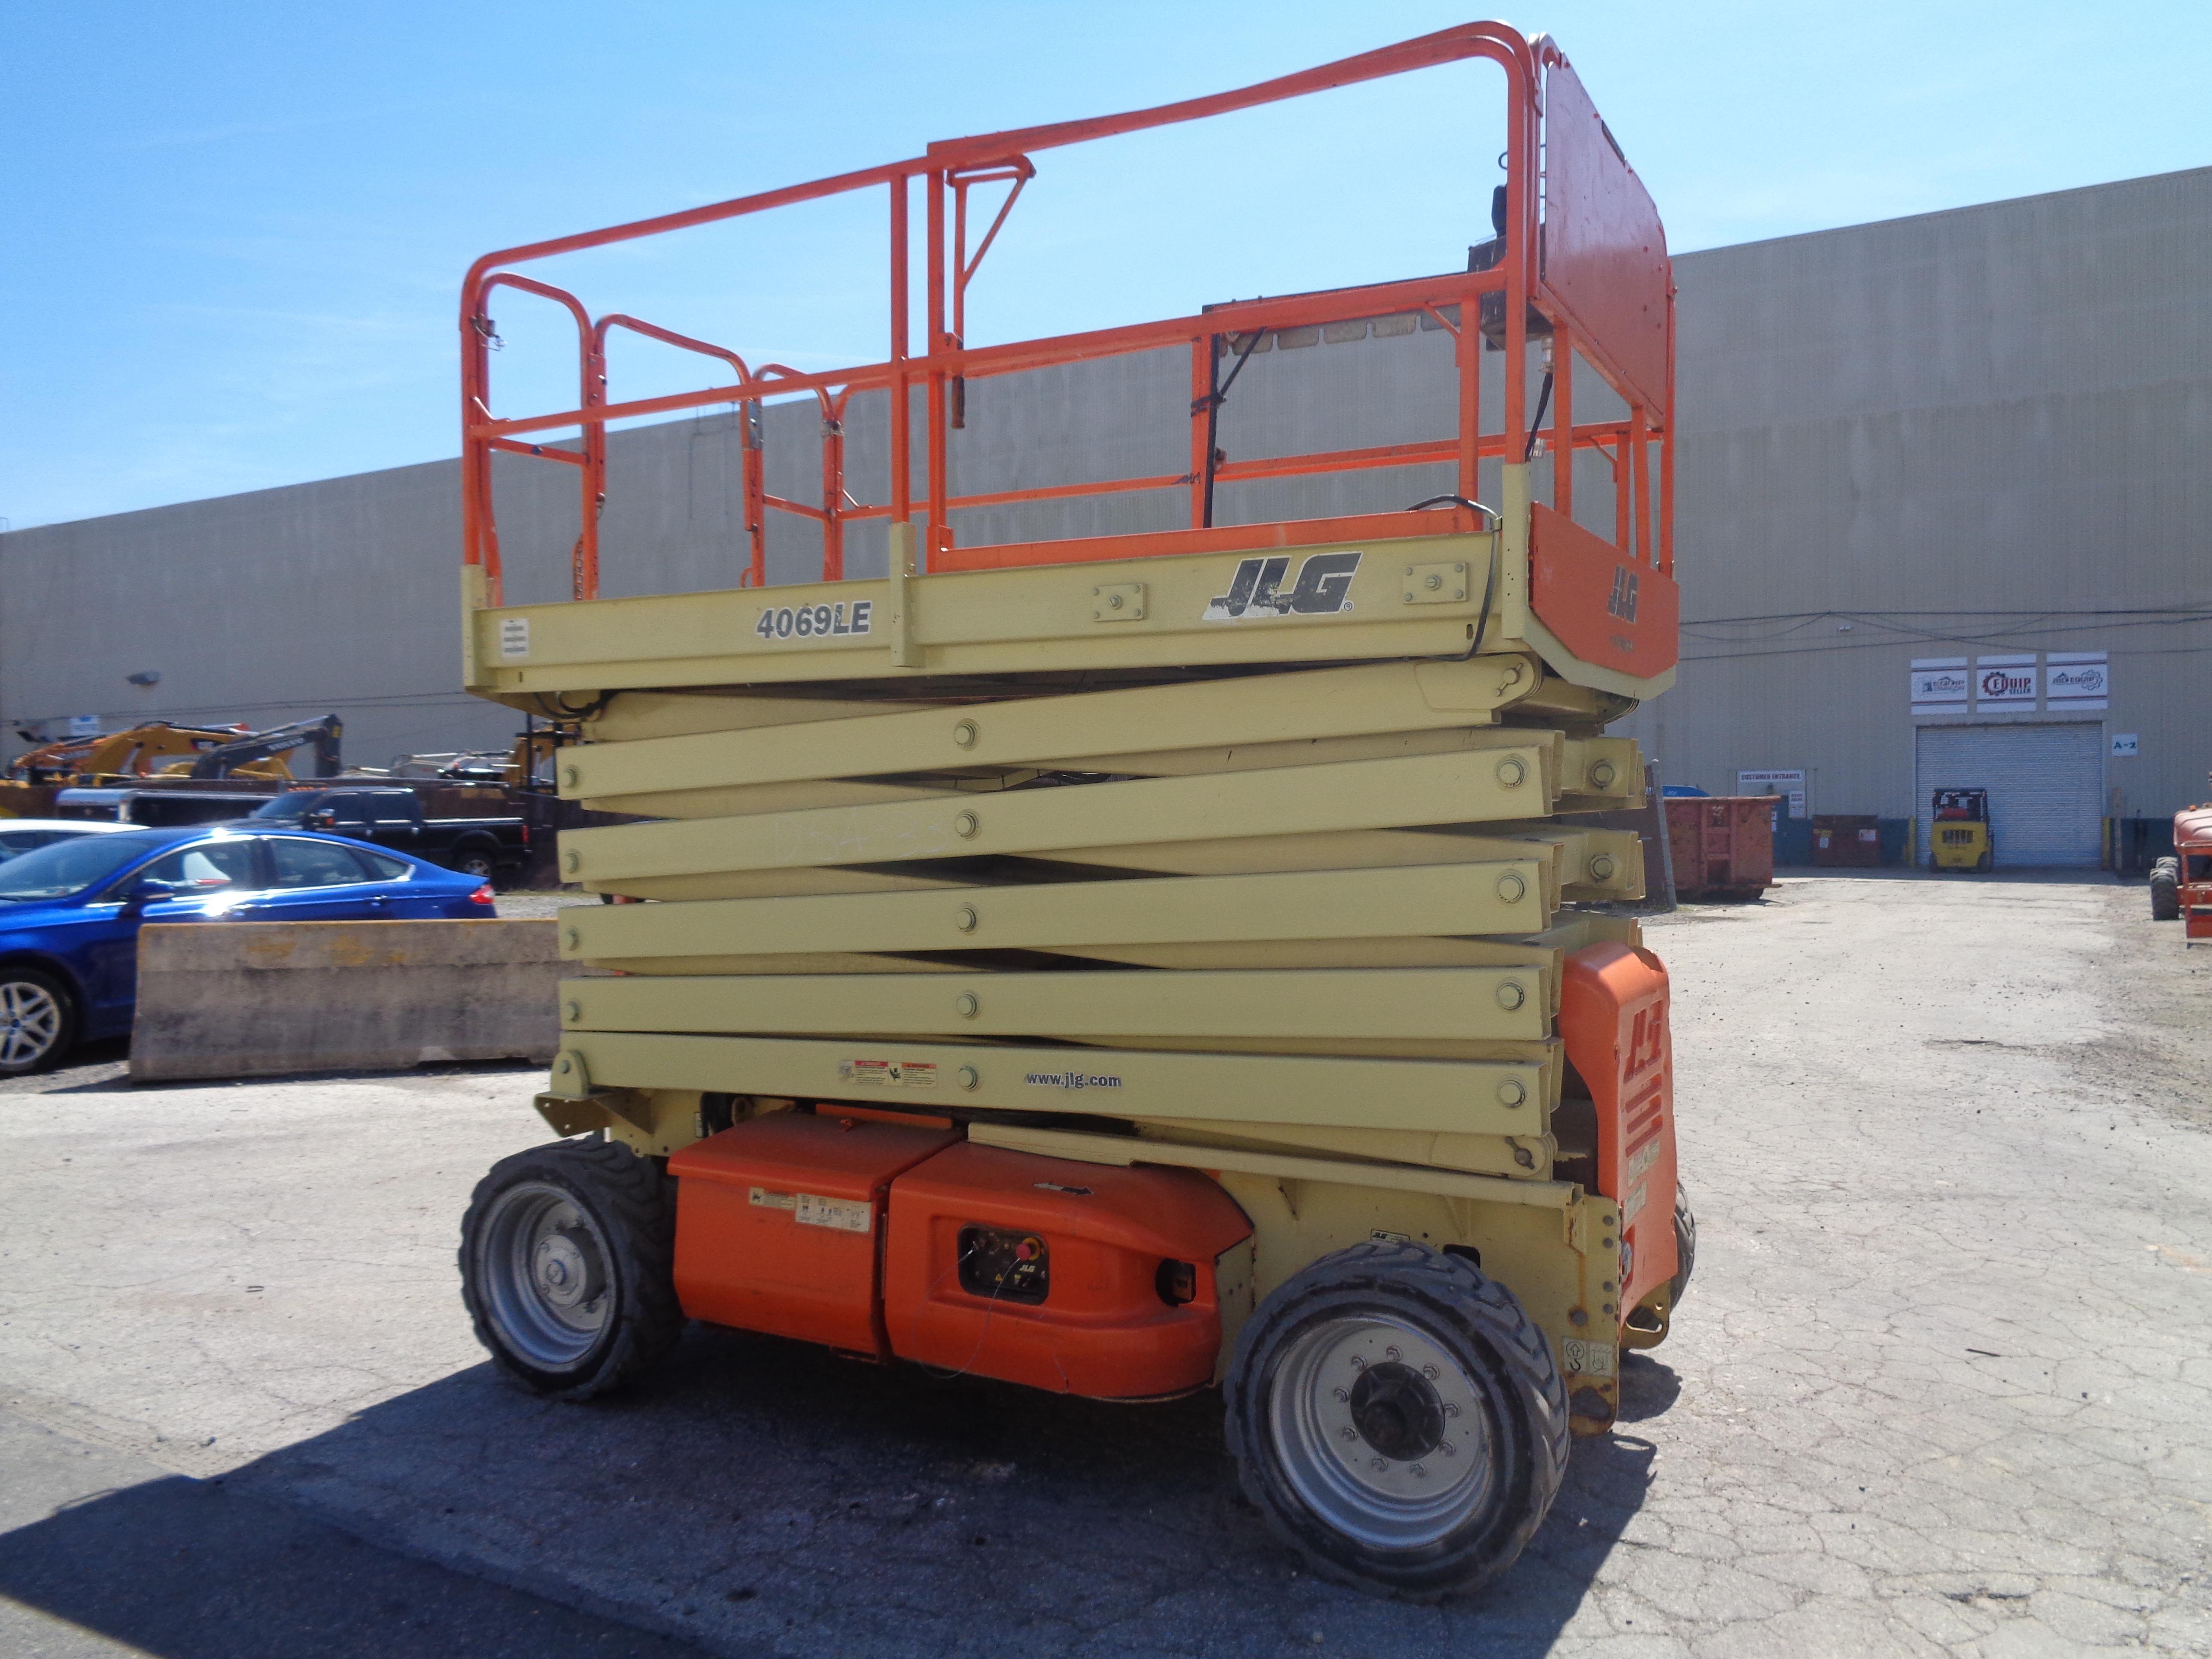 Lot 25 - JLG 4069LE Scissor Lift